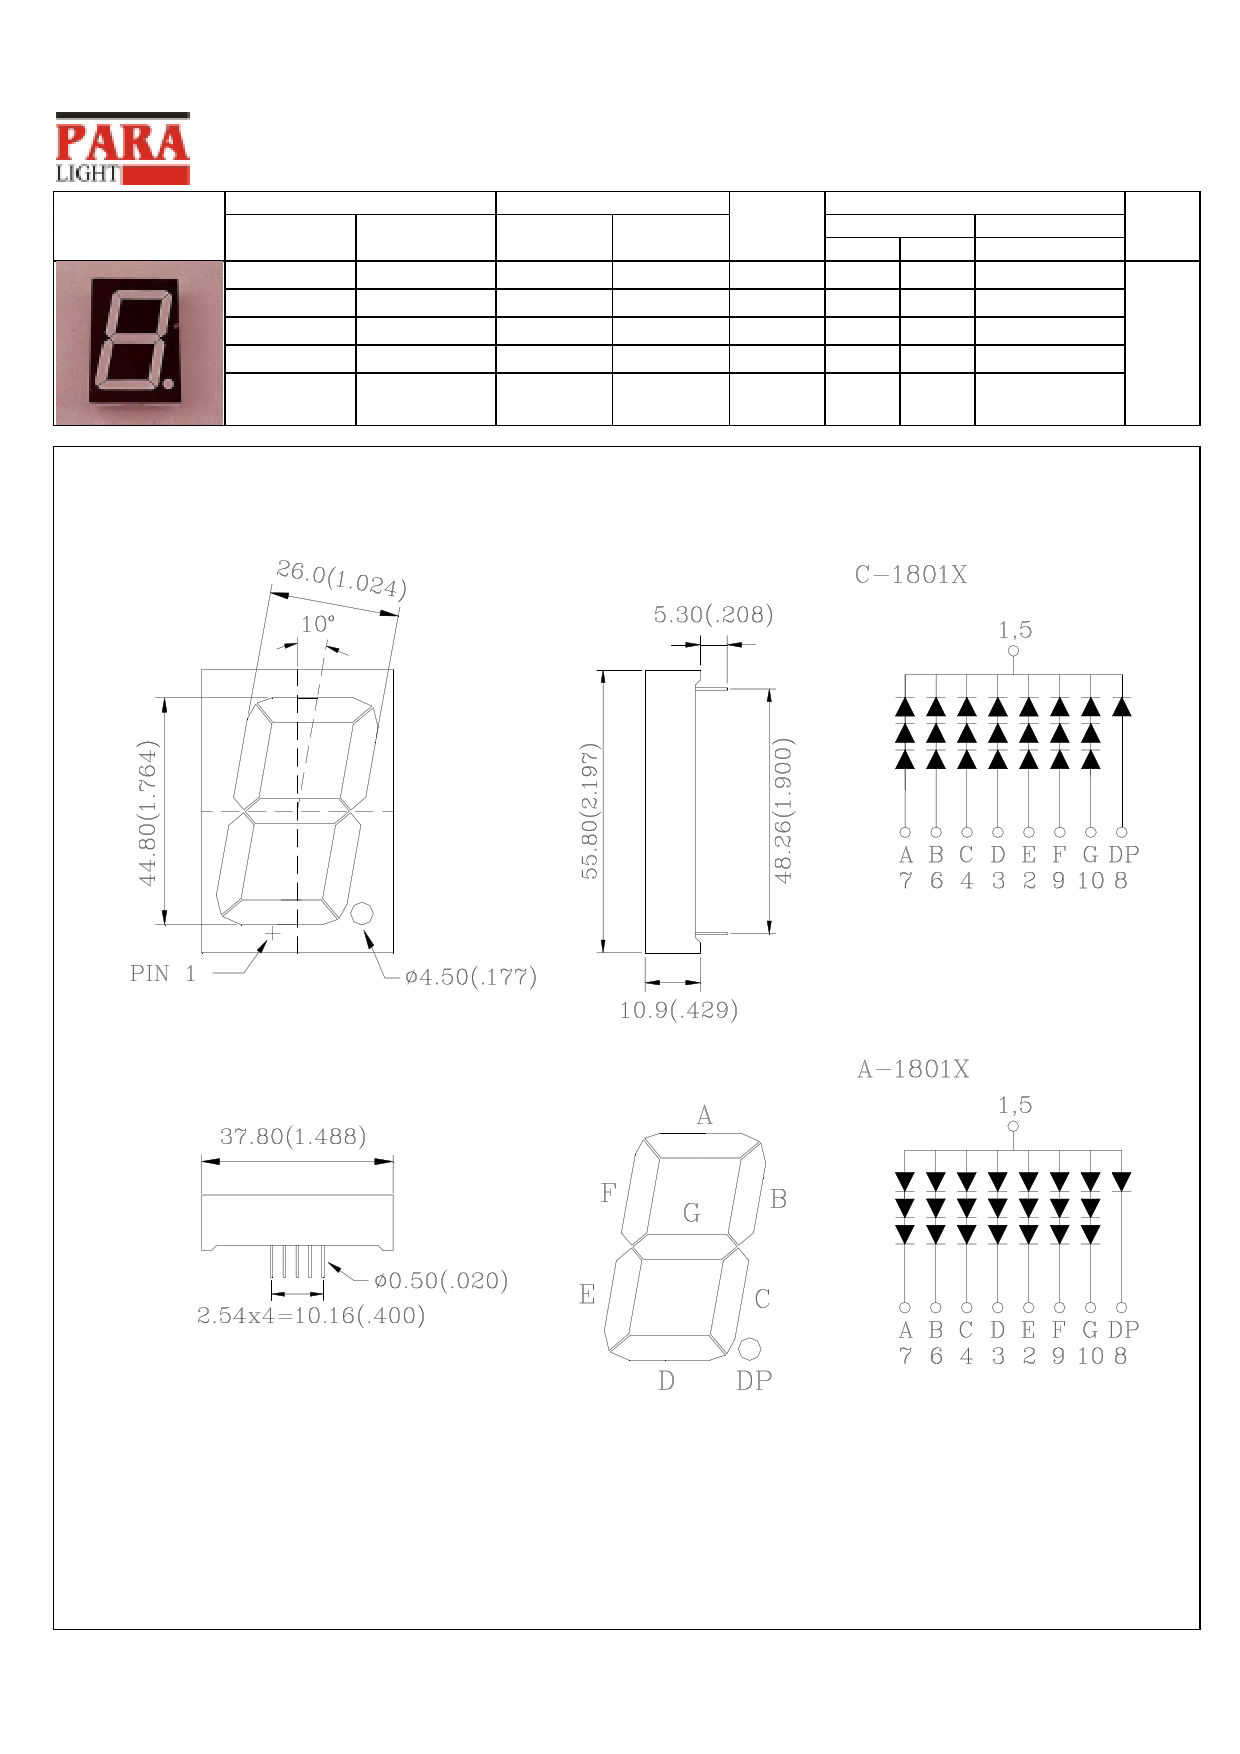 C-1801G datasheet